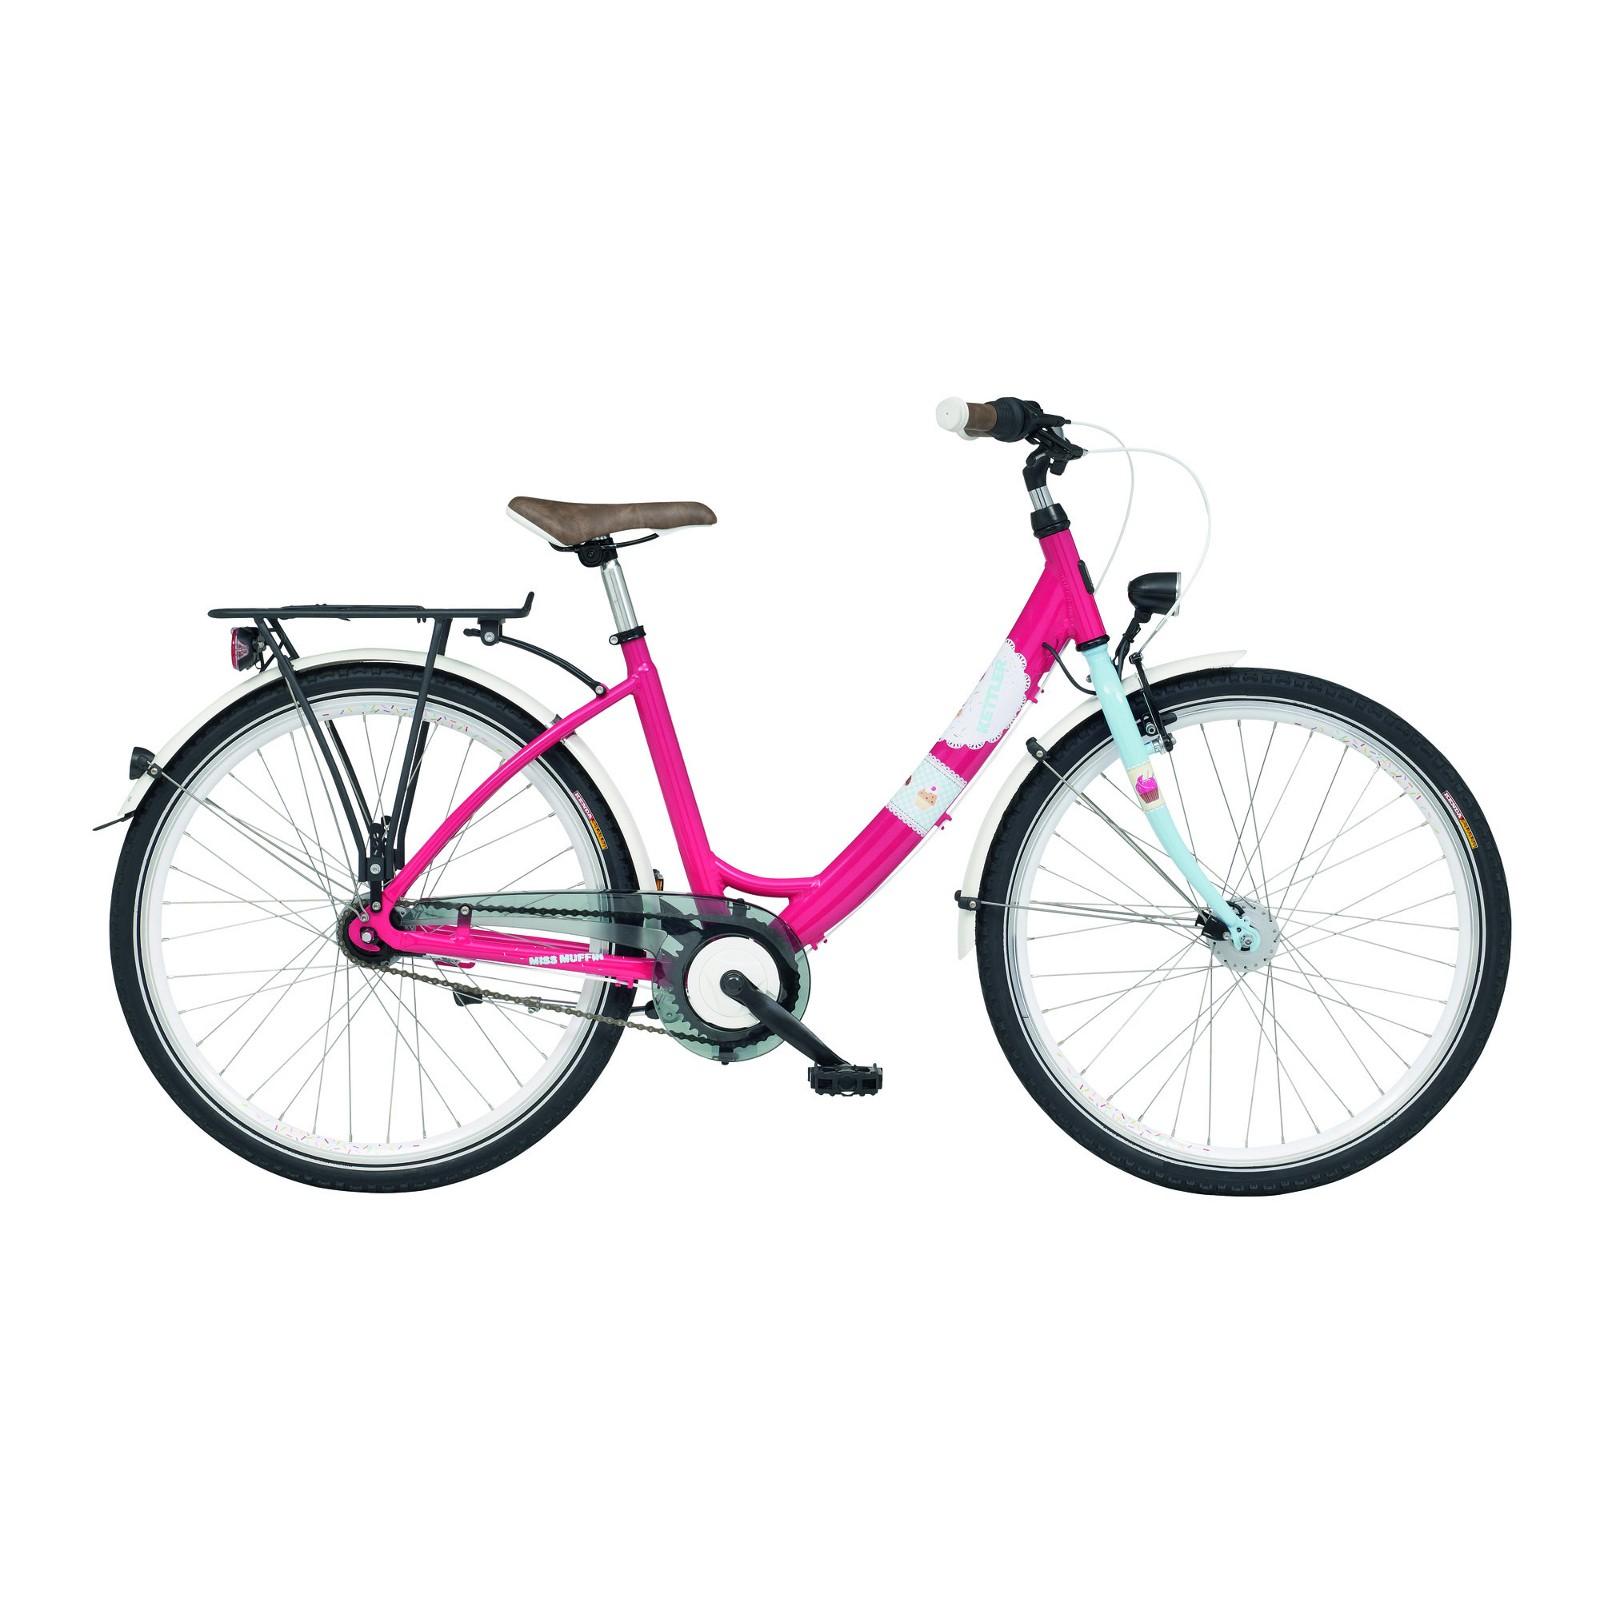 kettler kinder fahrrad layana girl 24 zoll g nstig. Black Bedroom Furniture Sets. Home Design Ideas